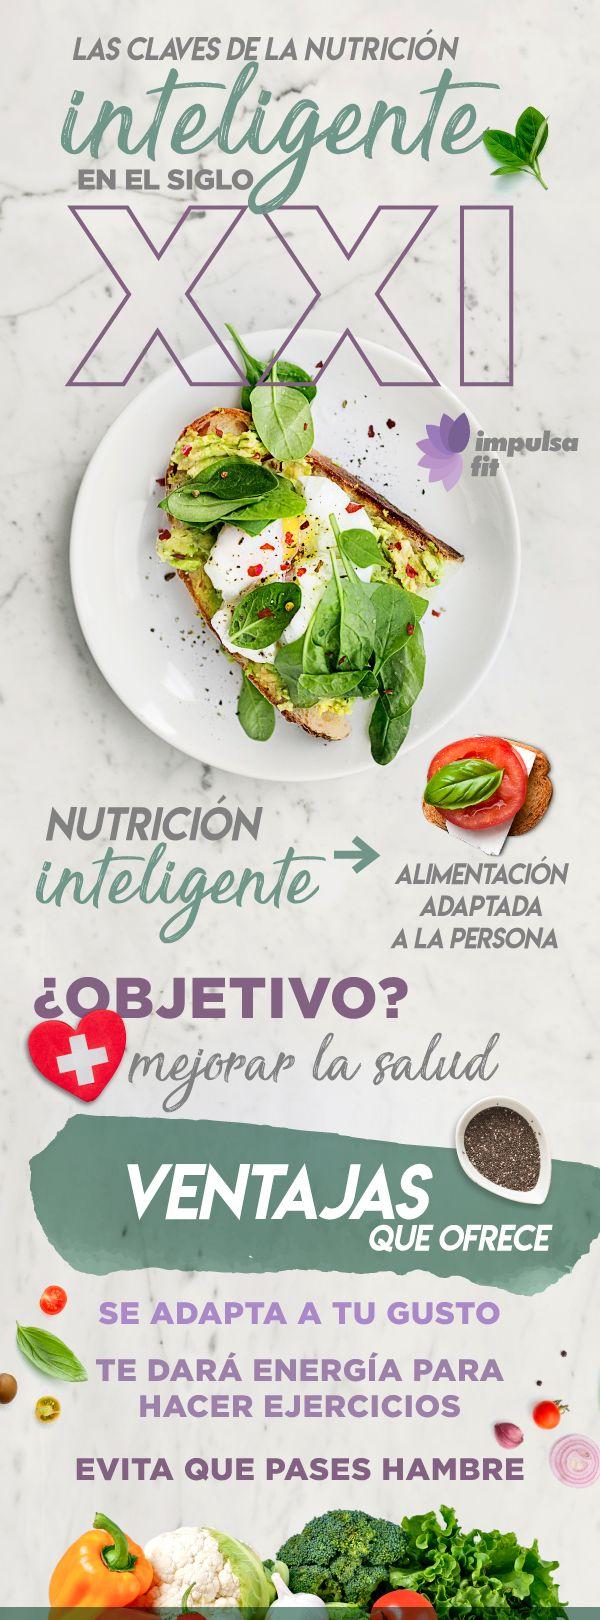 Piensa inteligentemente en tu nutrición